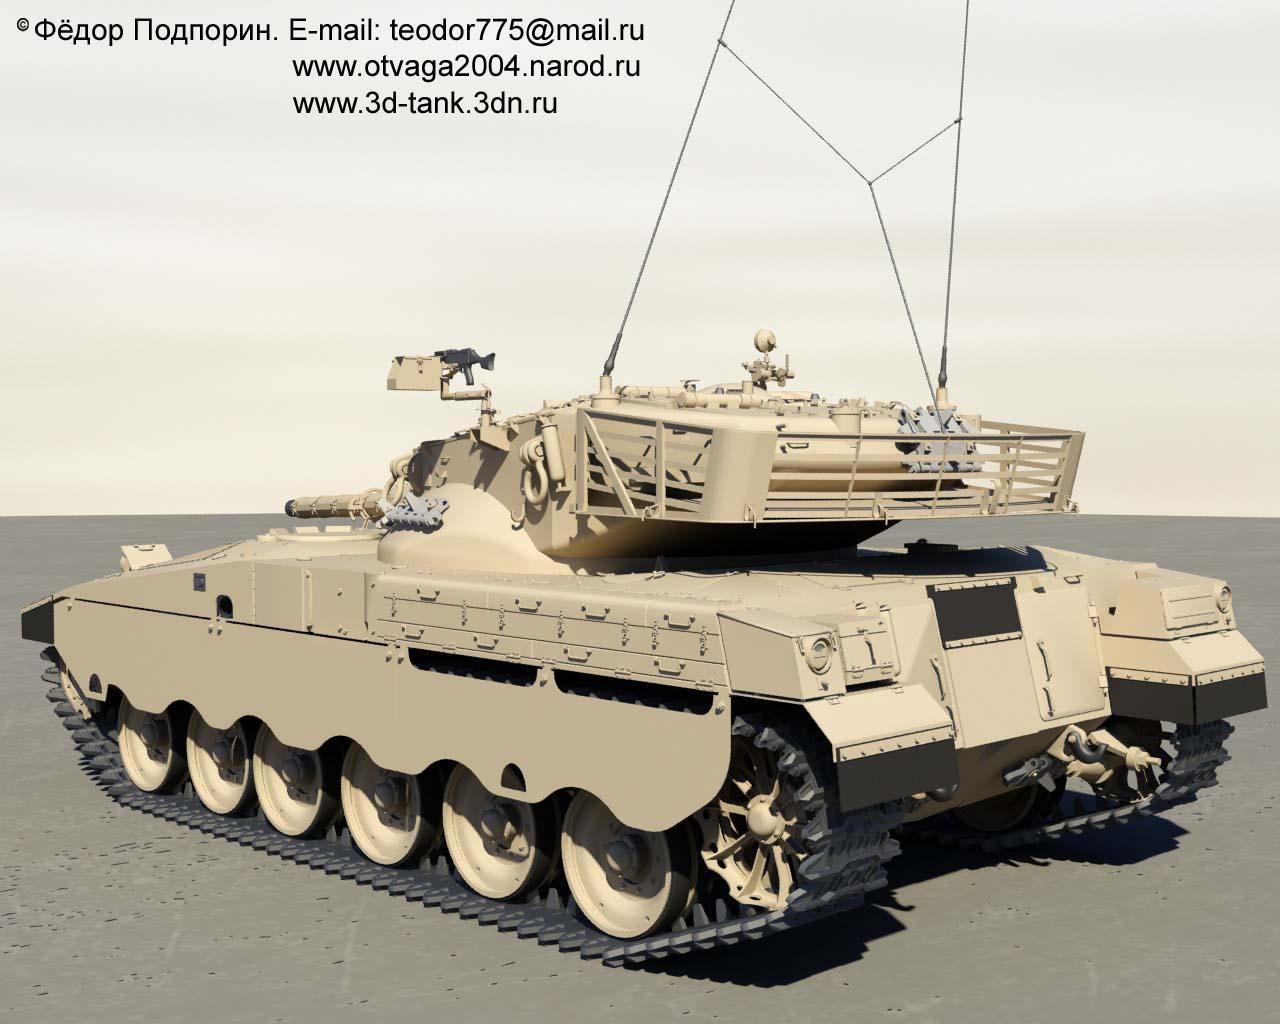 merkava-teodor775-otvaga2004-104